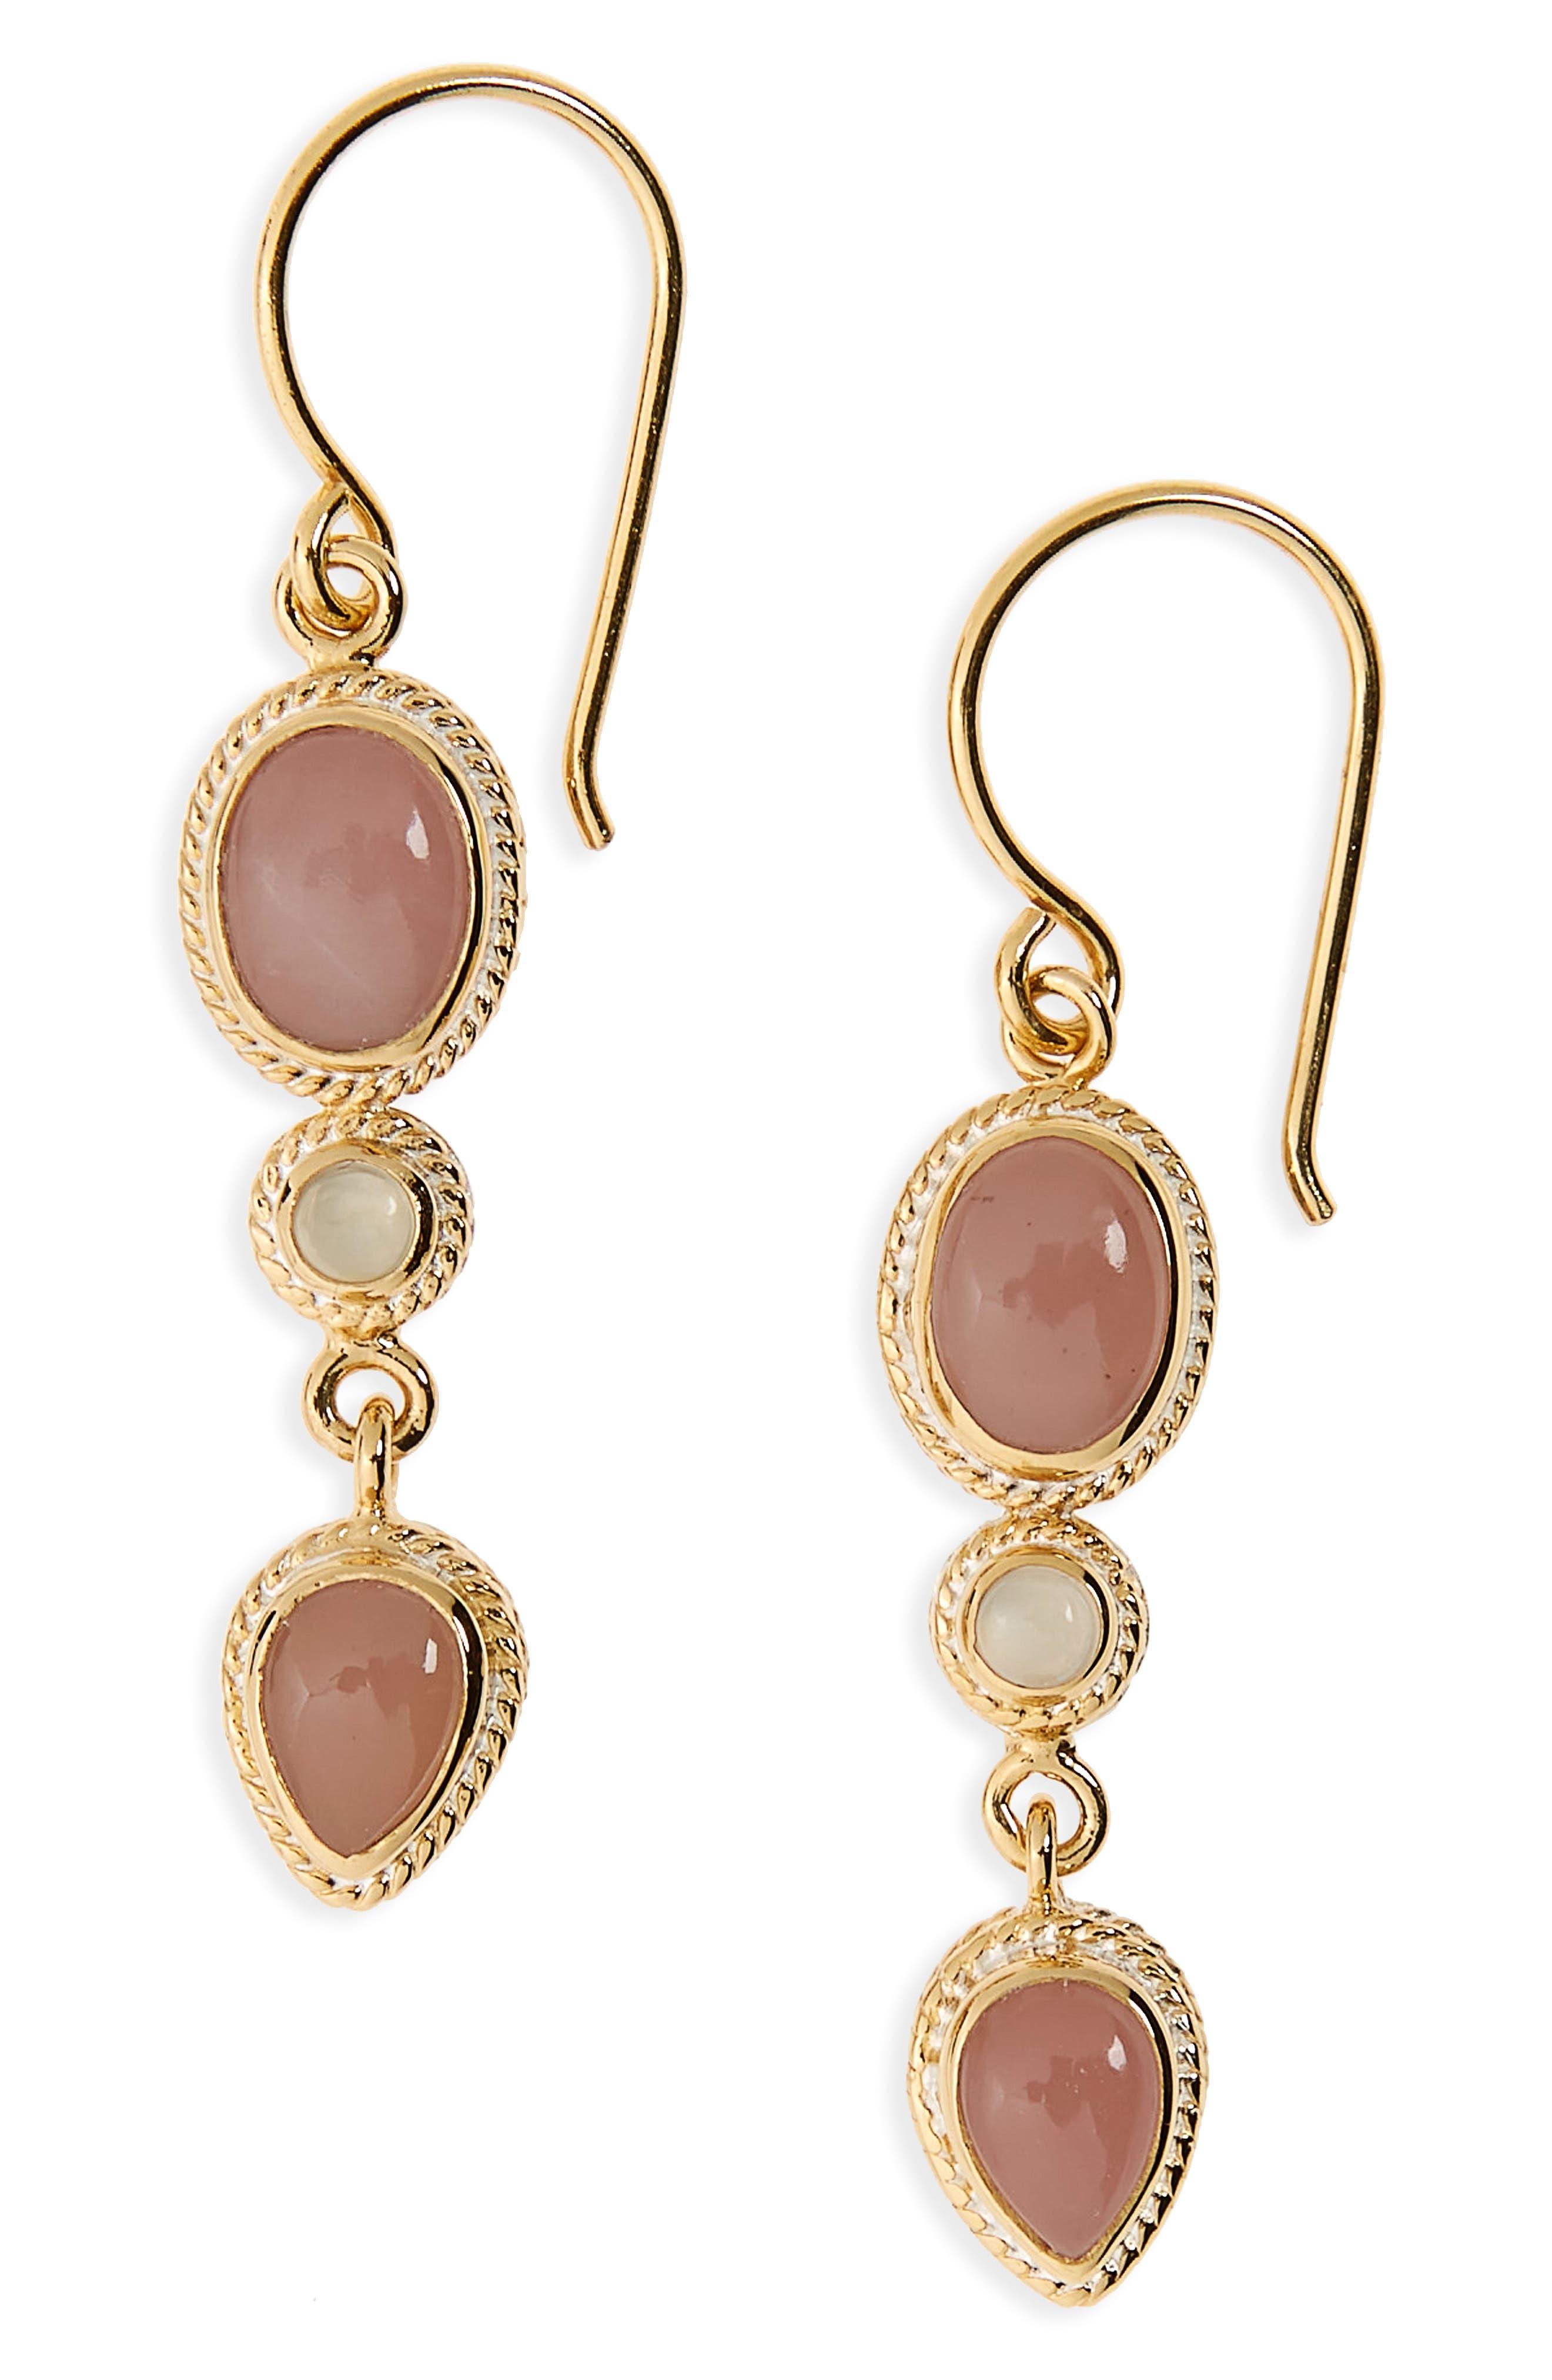 Stone Drop Earrings,                         Main,                         color, Gold/ Guava Quartz/ Moonstone